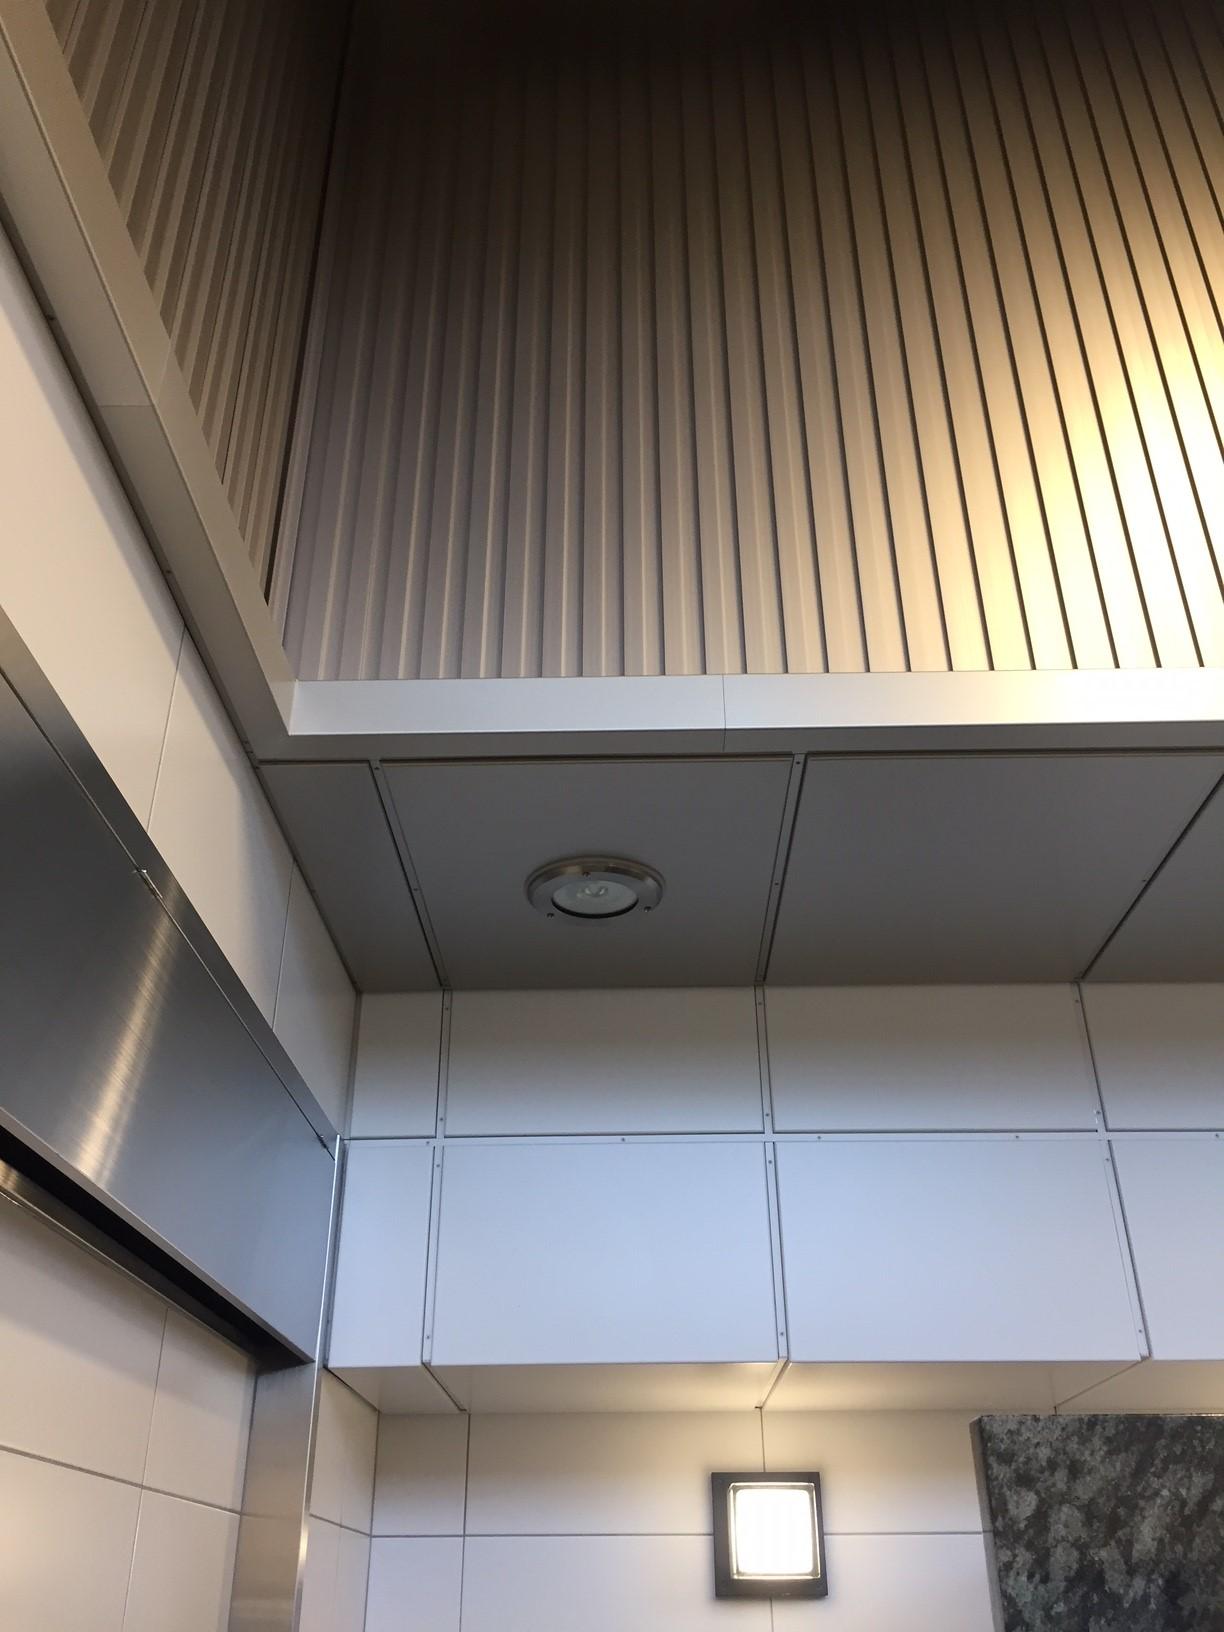 サンシティー立川昭和記念公園 天井照明パネル(4方) 天井・壁パネル・結露受け3